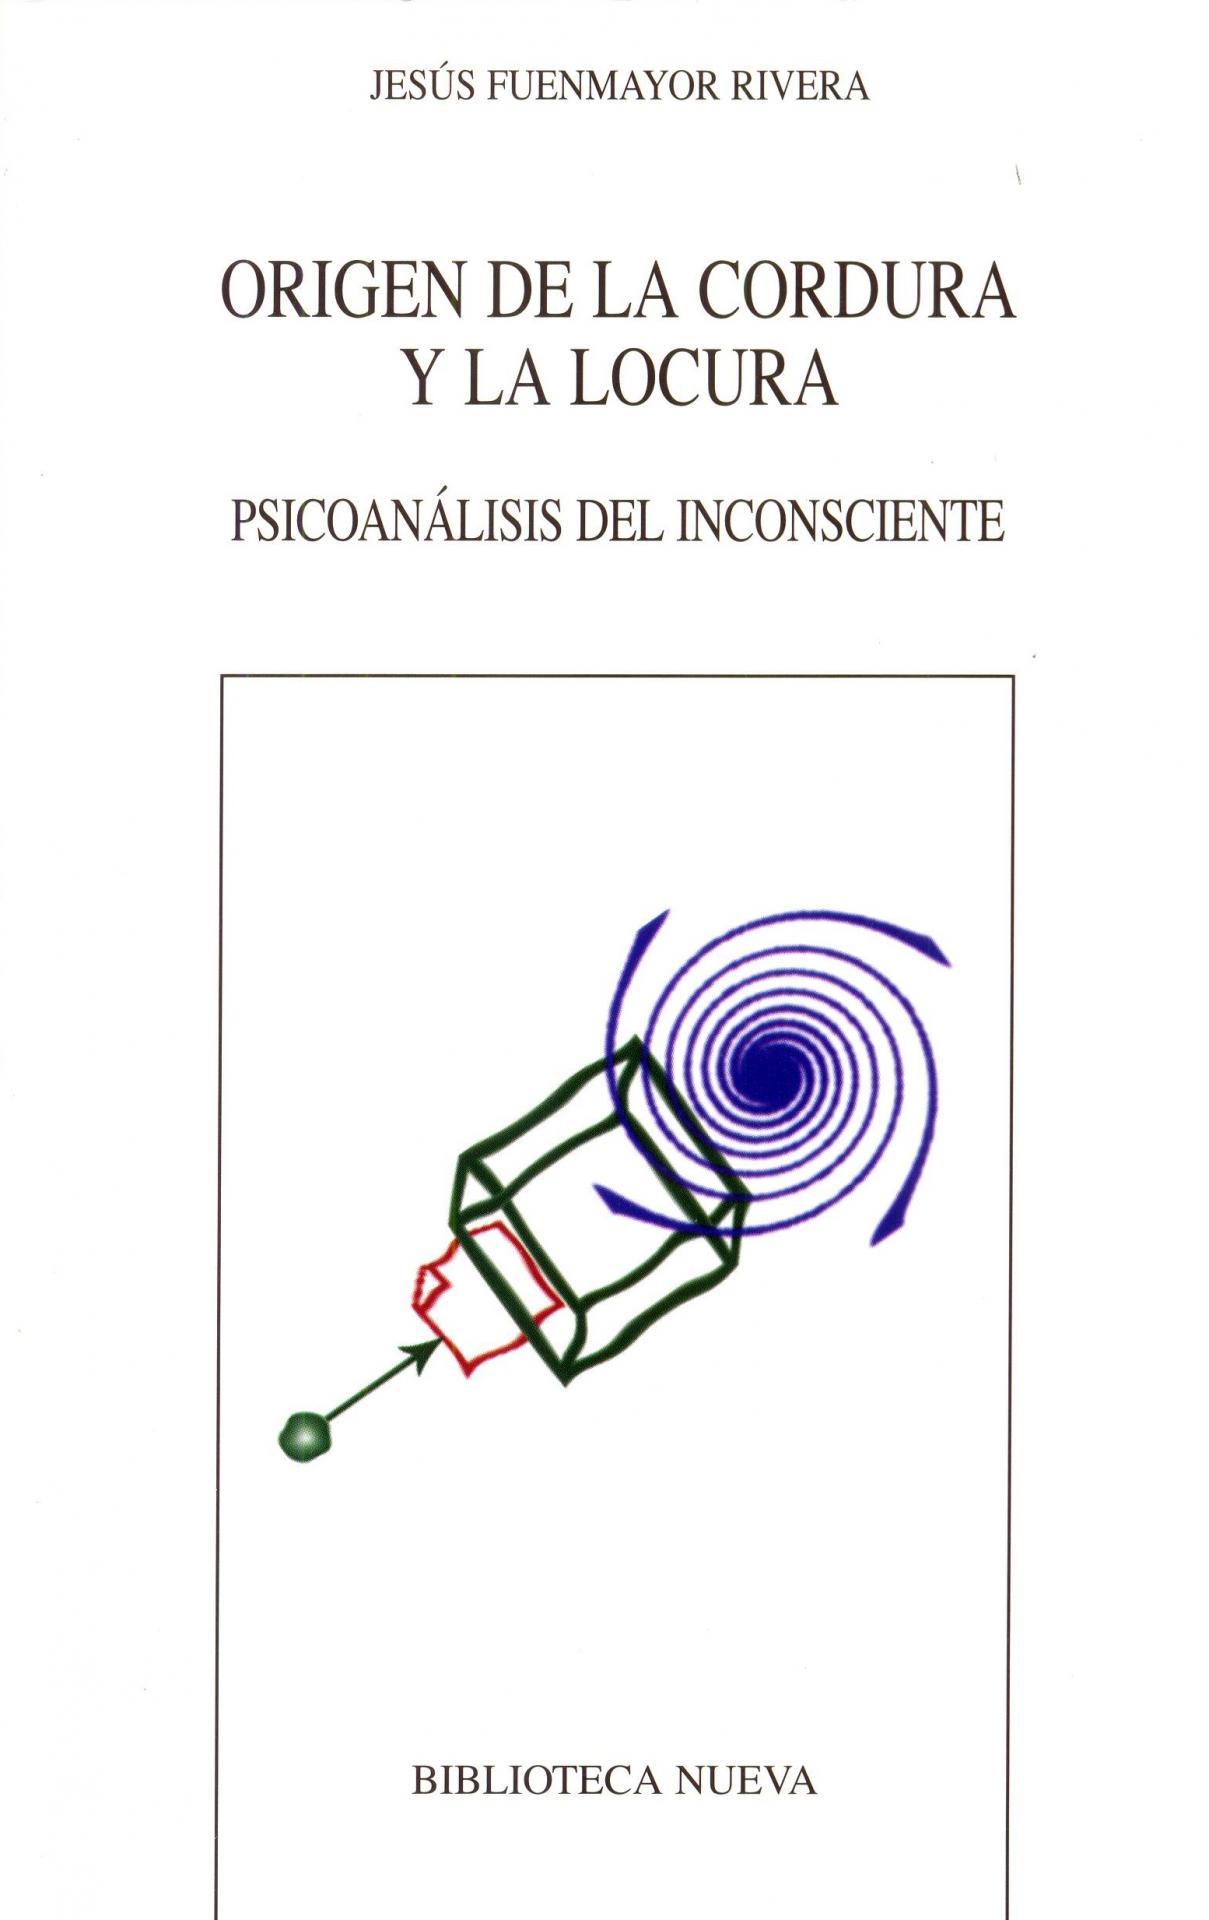 ORIGEN DE LA CORDURA Y LA LOCURA. Psicoanálisis del inconsciente. Fuenmayor, J.